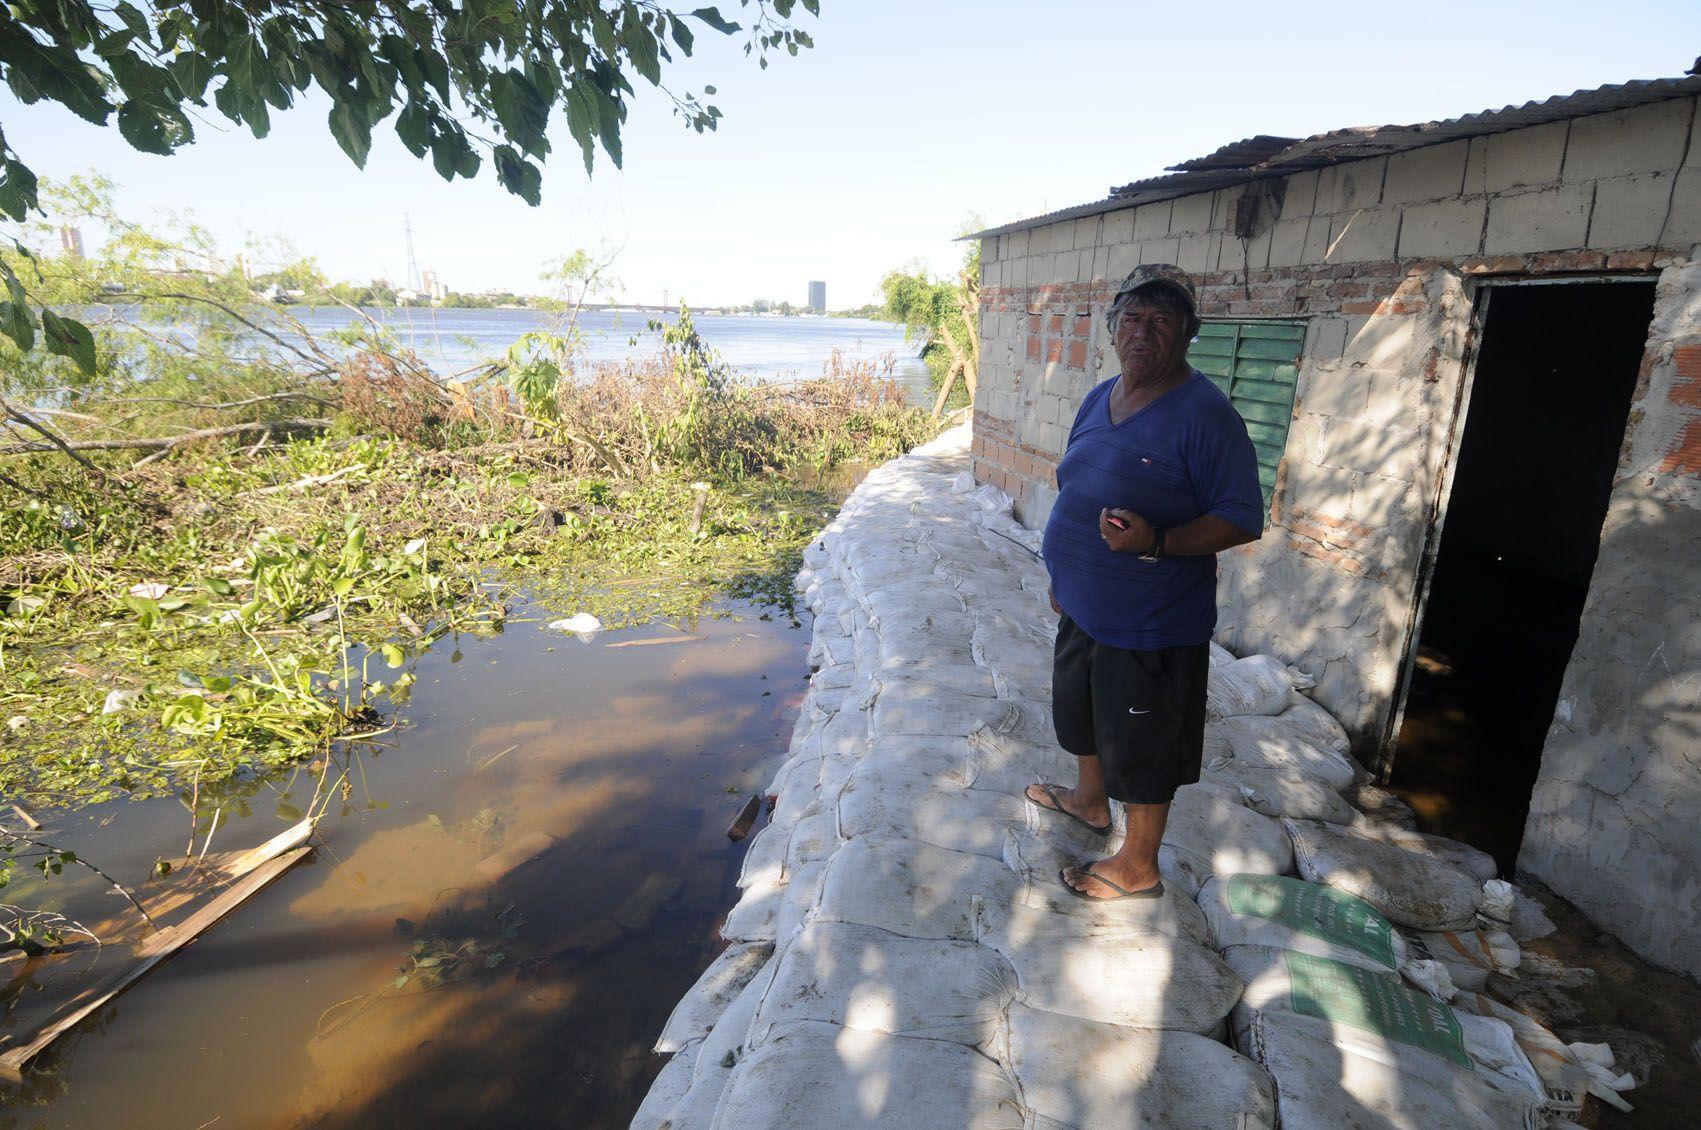 La crecida de los ríos sigue afectando a las zonas costeras. (Gentileza Uno Santa Fe)